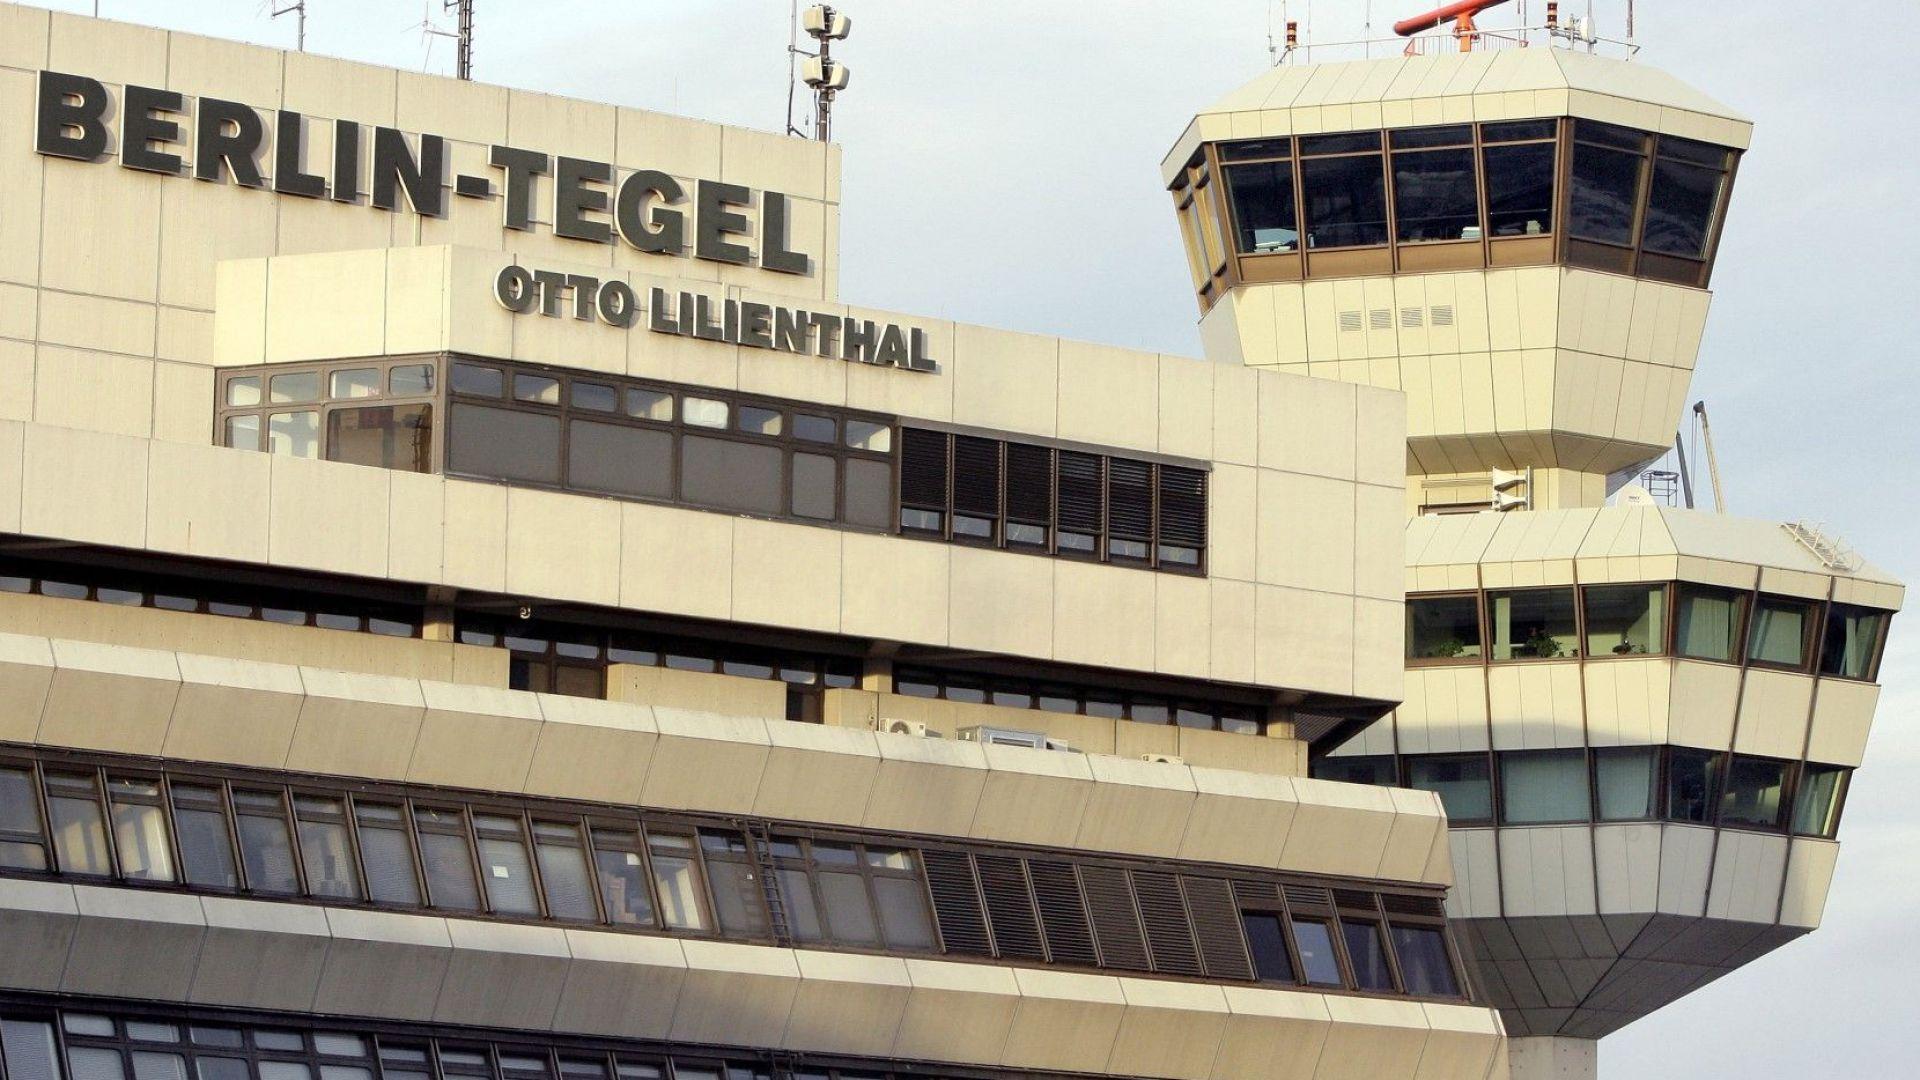 9000 доброволци ще изпробват новото берлинско летище